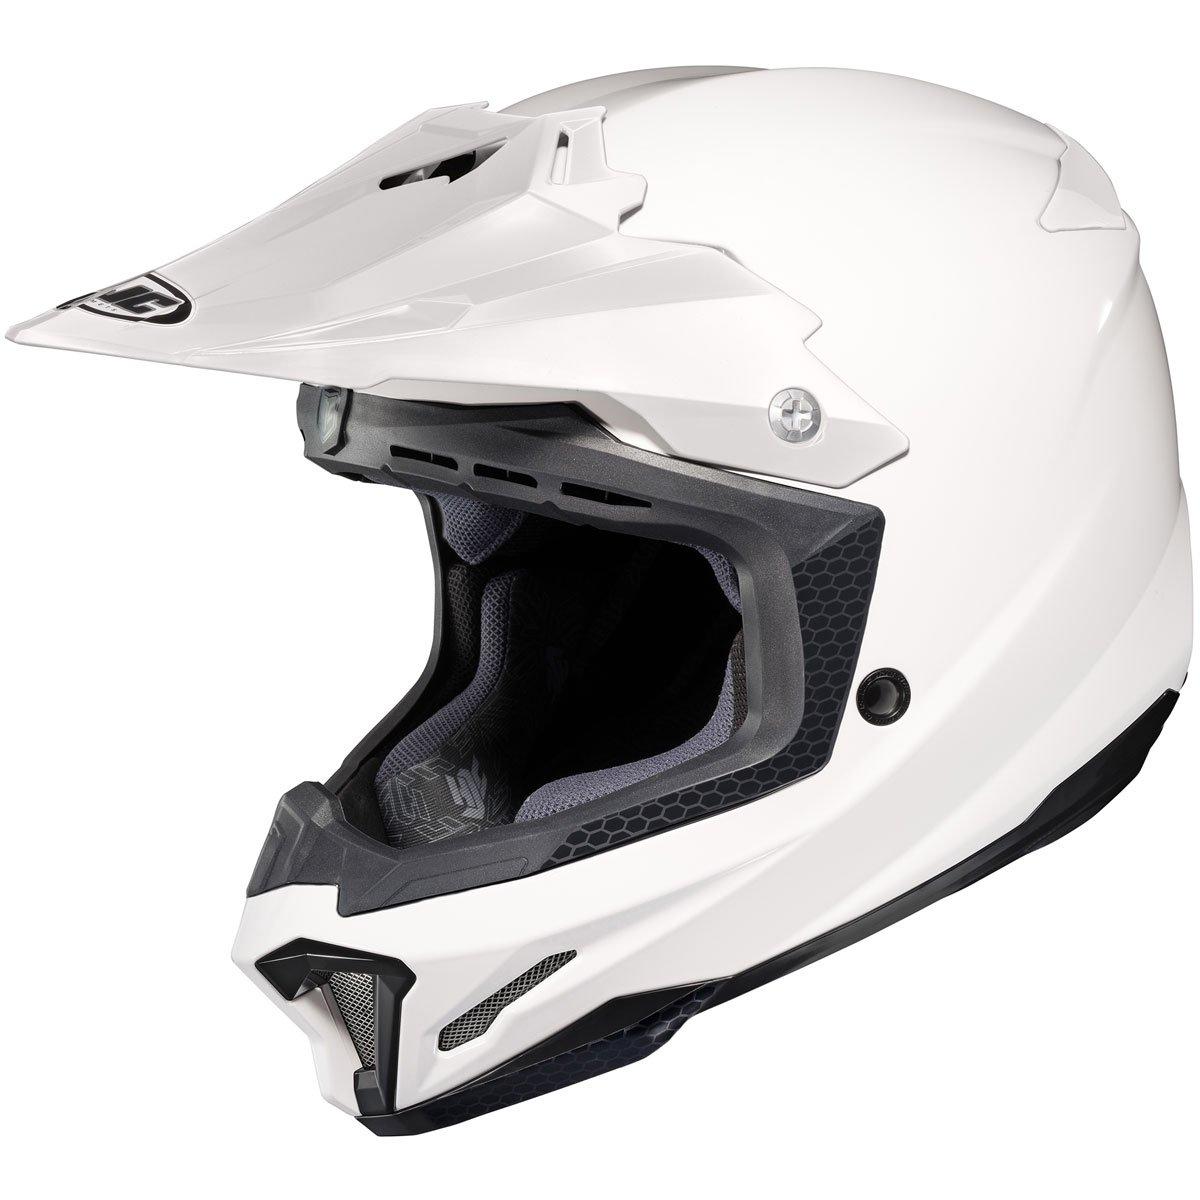 Best Dirt Bike Helmet Reviews 2016-Ultimate Buying Guide ...